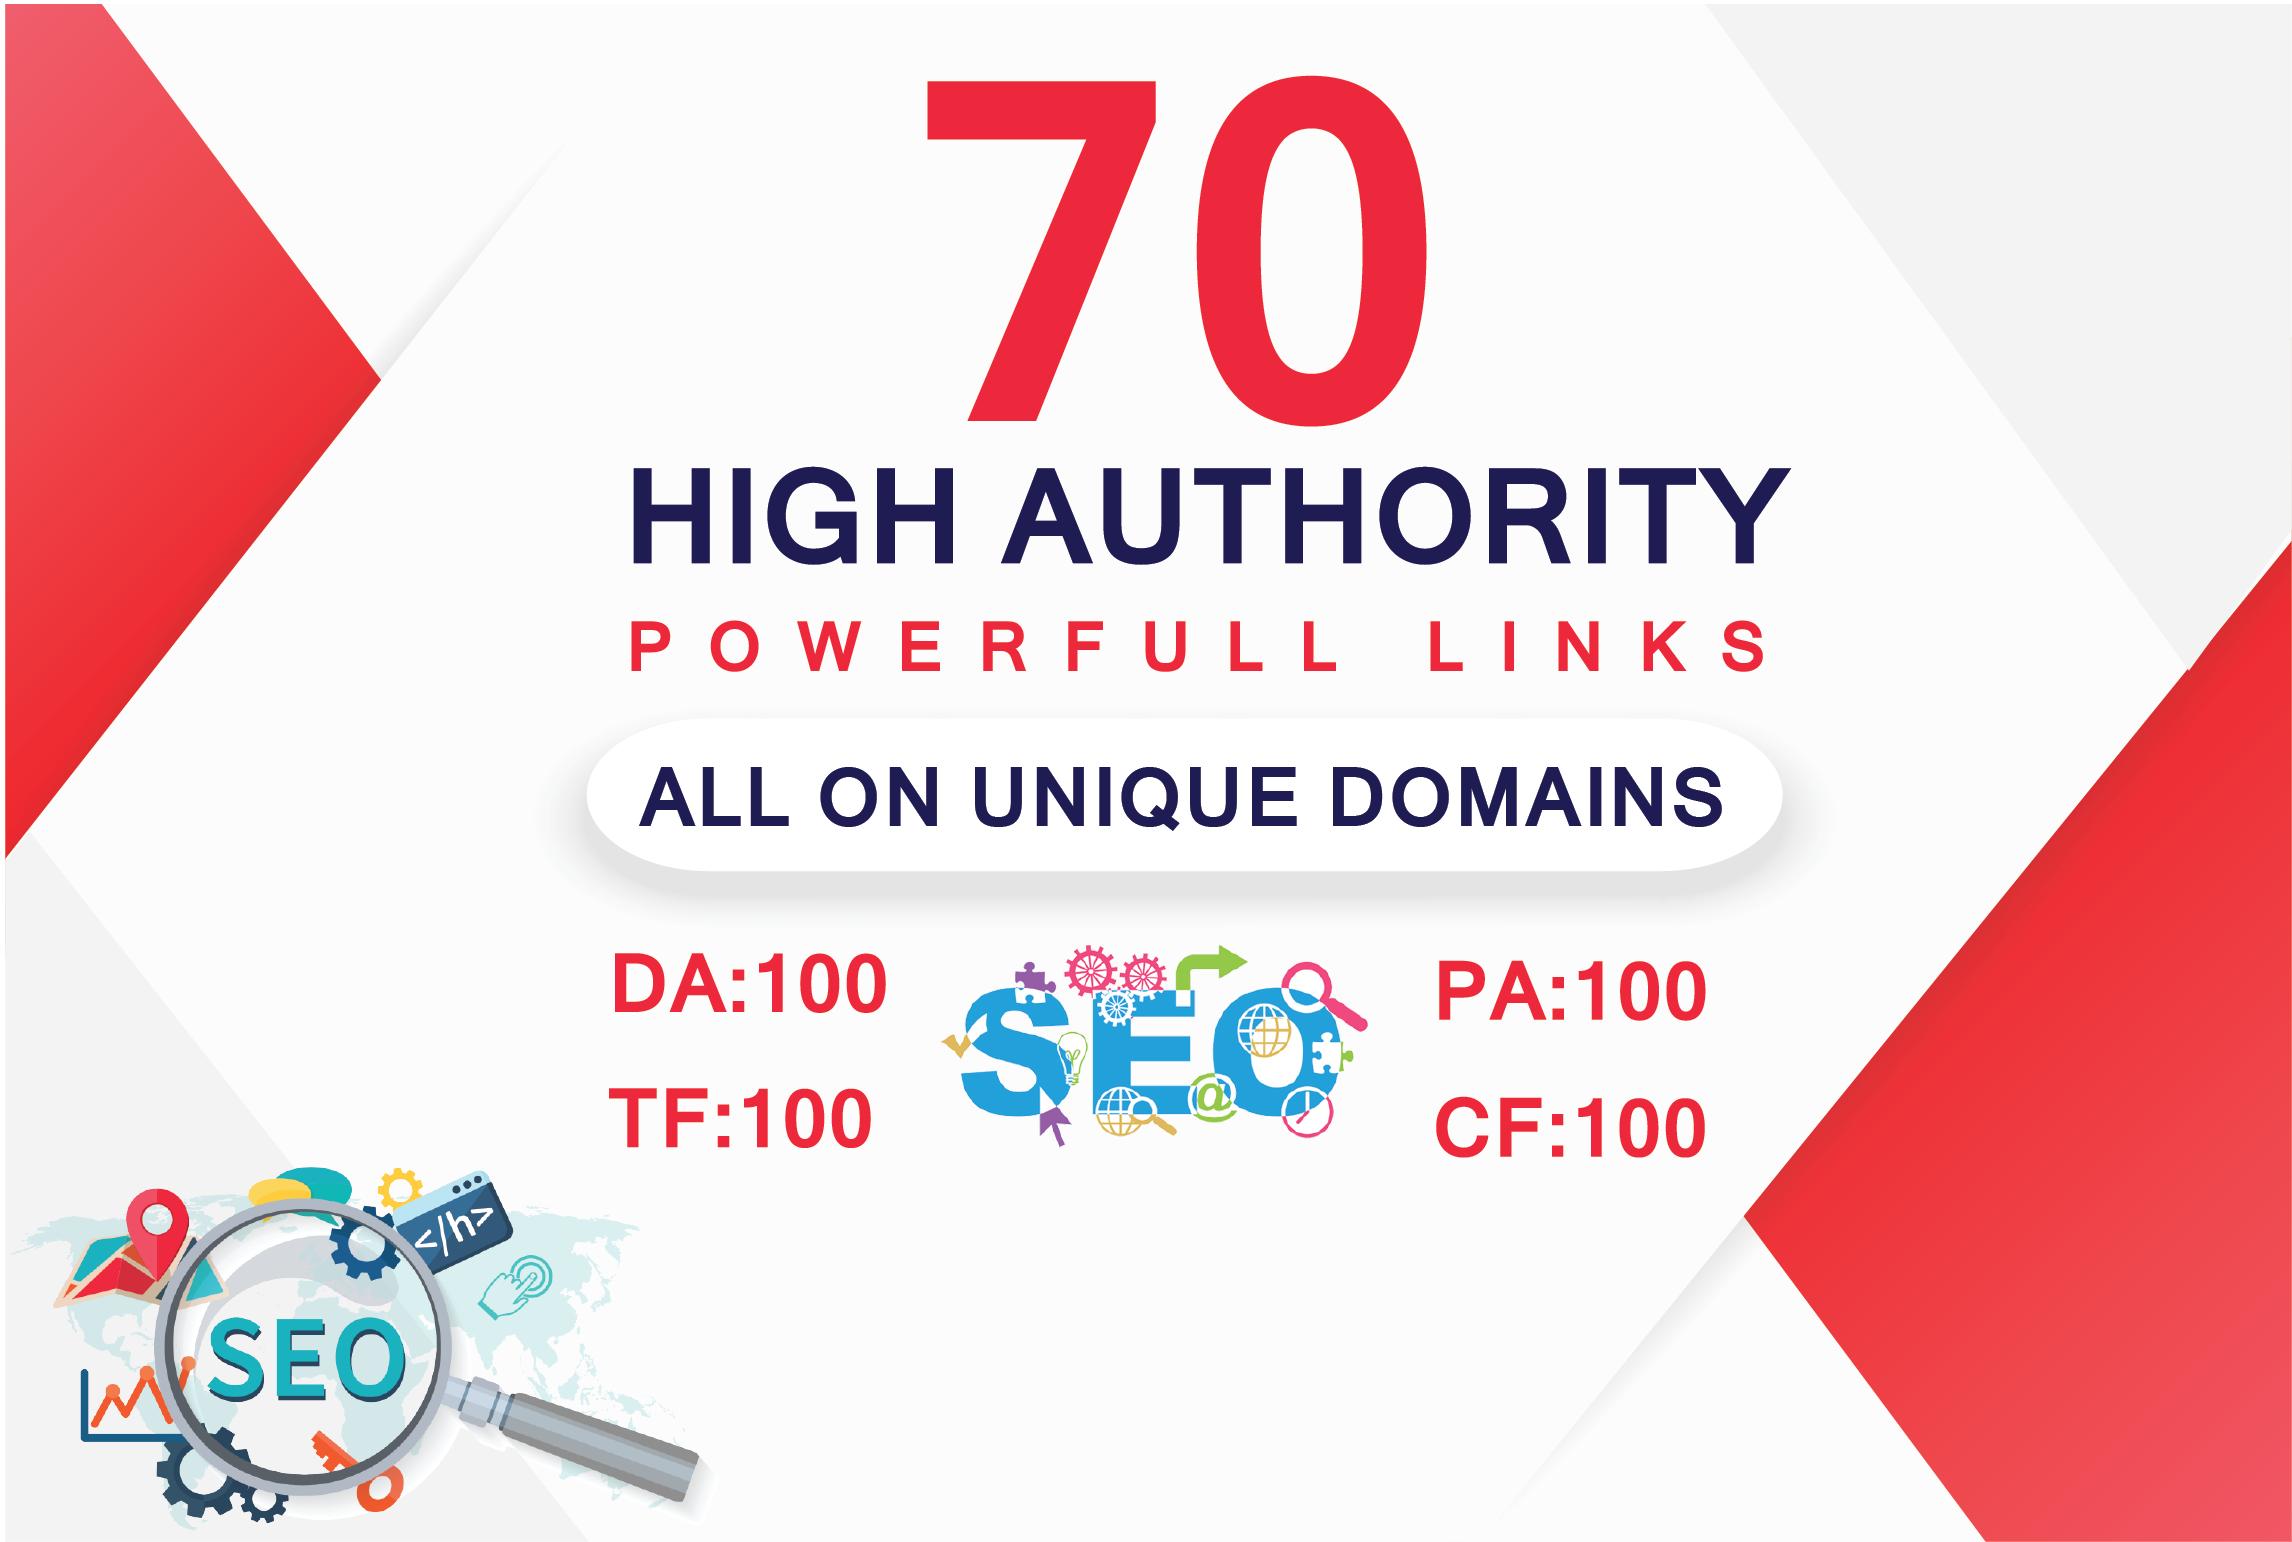 Build 70 Mix Property UNIQUE DOMAIN Backlinks On DA 100- 35 TF 100- 35 Sites